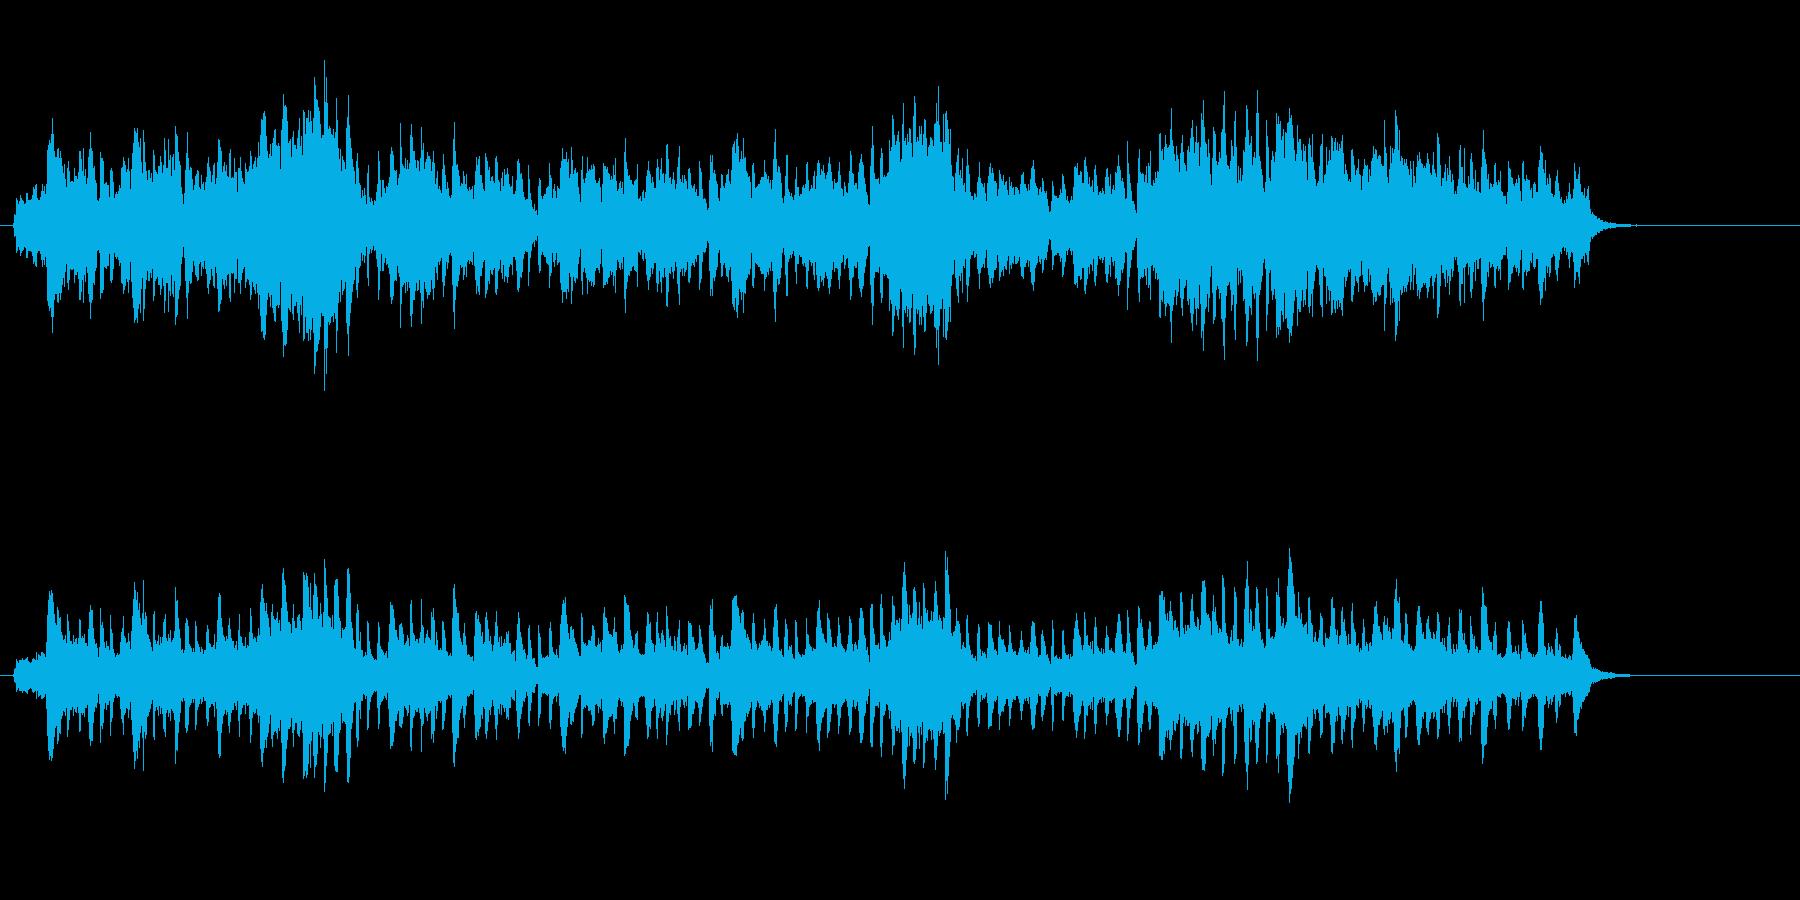 奇妙な音色と流麗なフレーズのクラシックの再生済みの波形